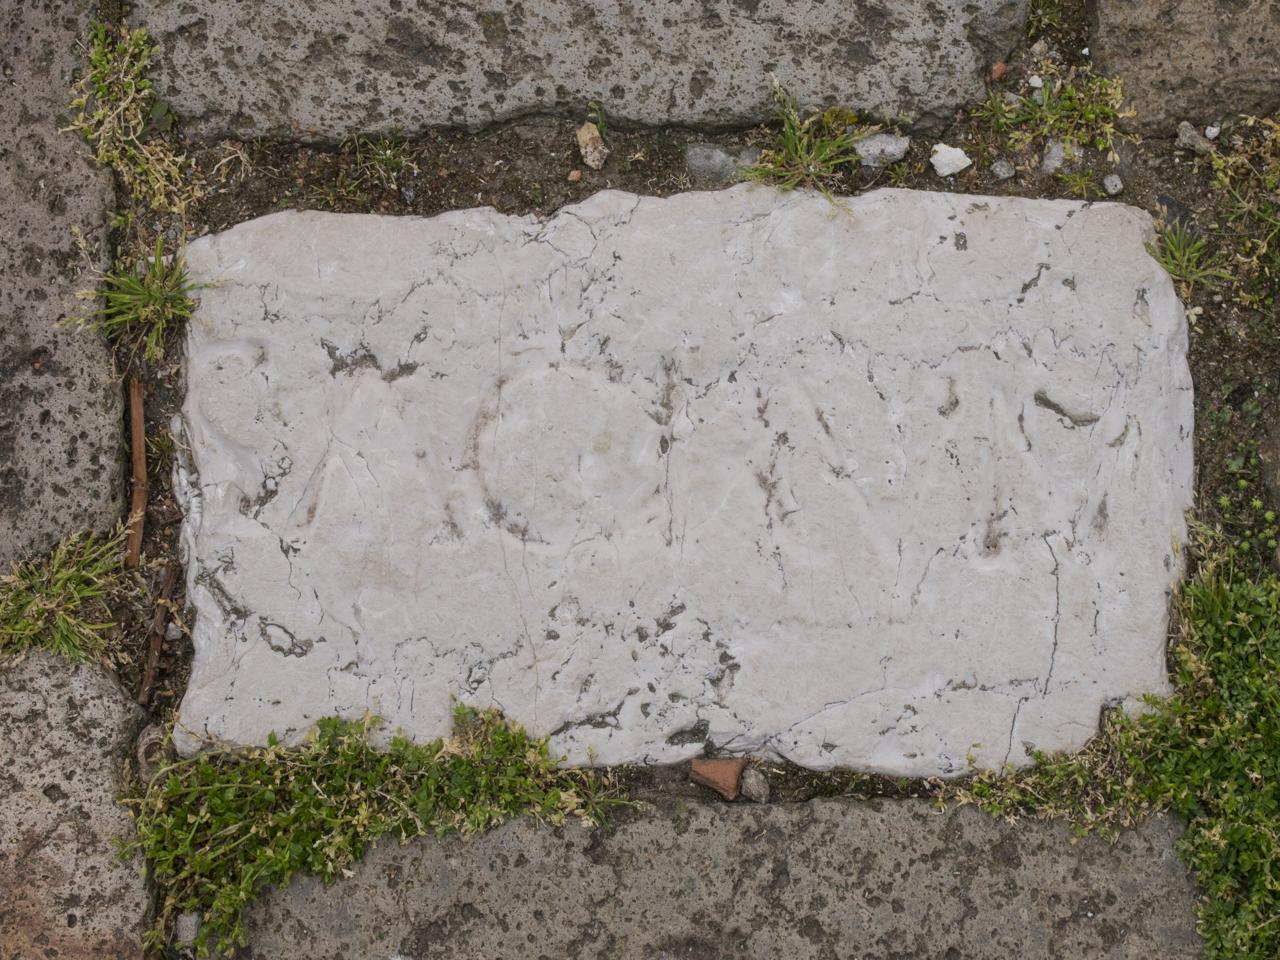 pavimentazione, insieme - ambito veneziano (secc. XVII-XVIII)